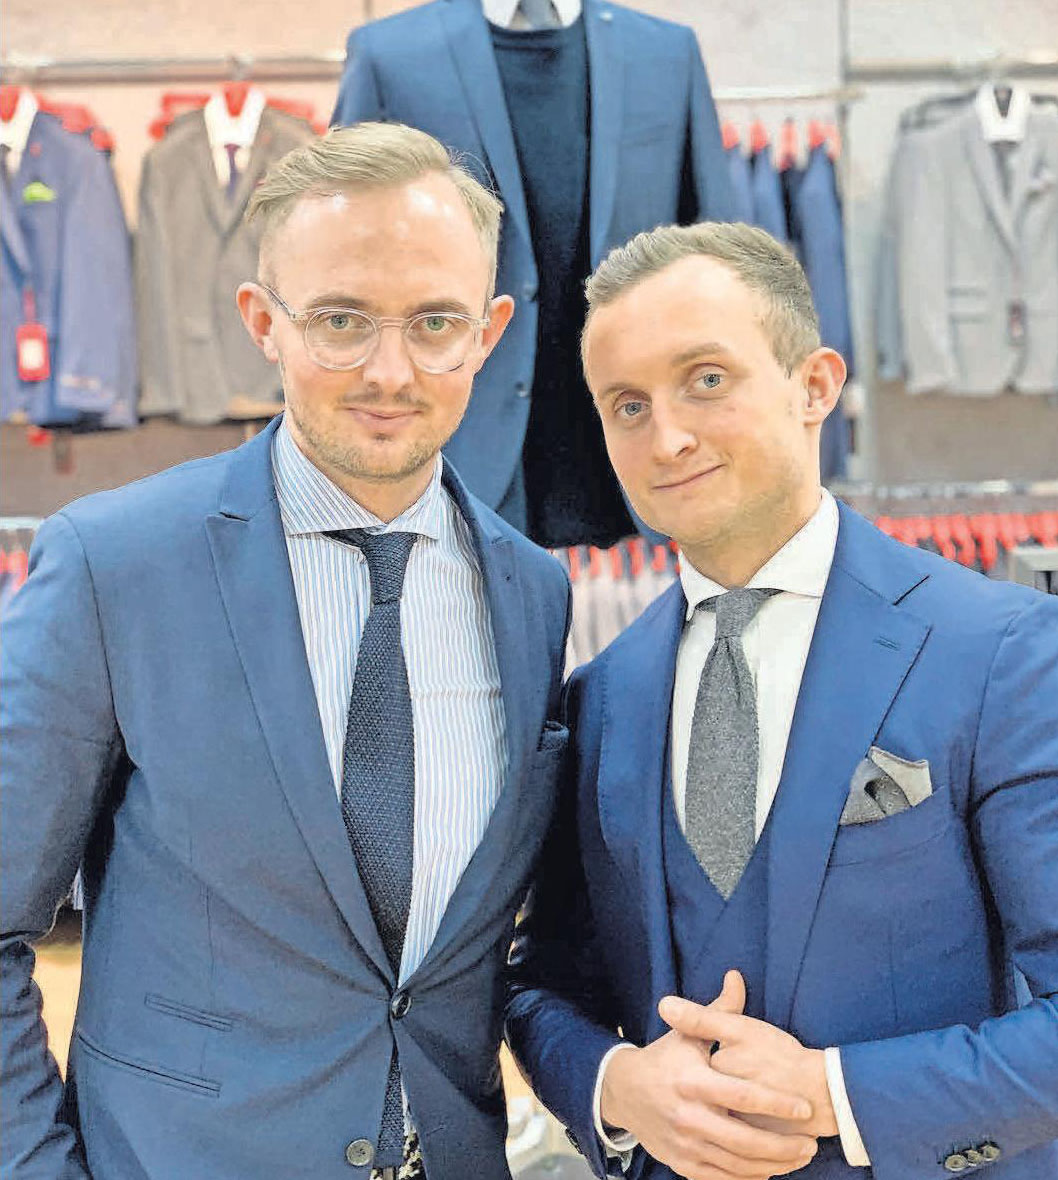 Louis und Maximilian Höpfner bieten passende Outfits für die ganze Familie.